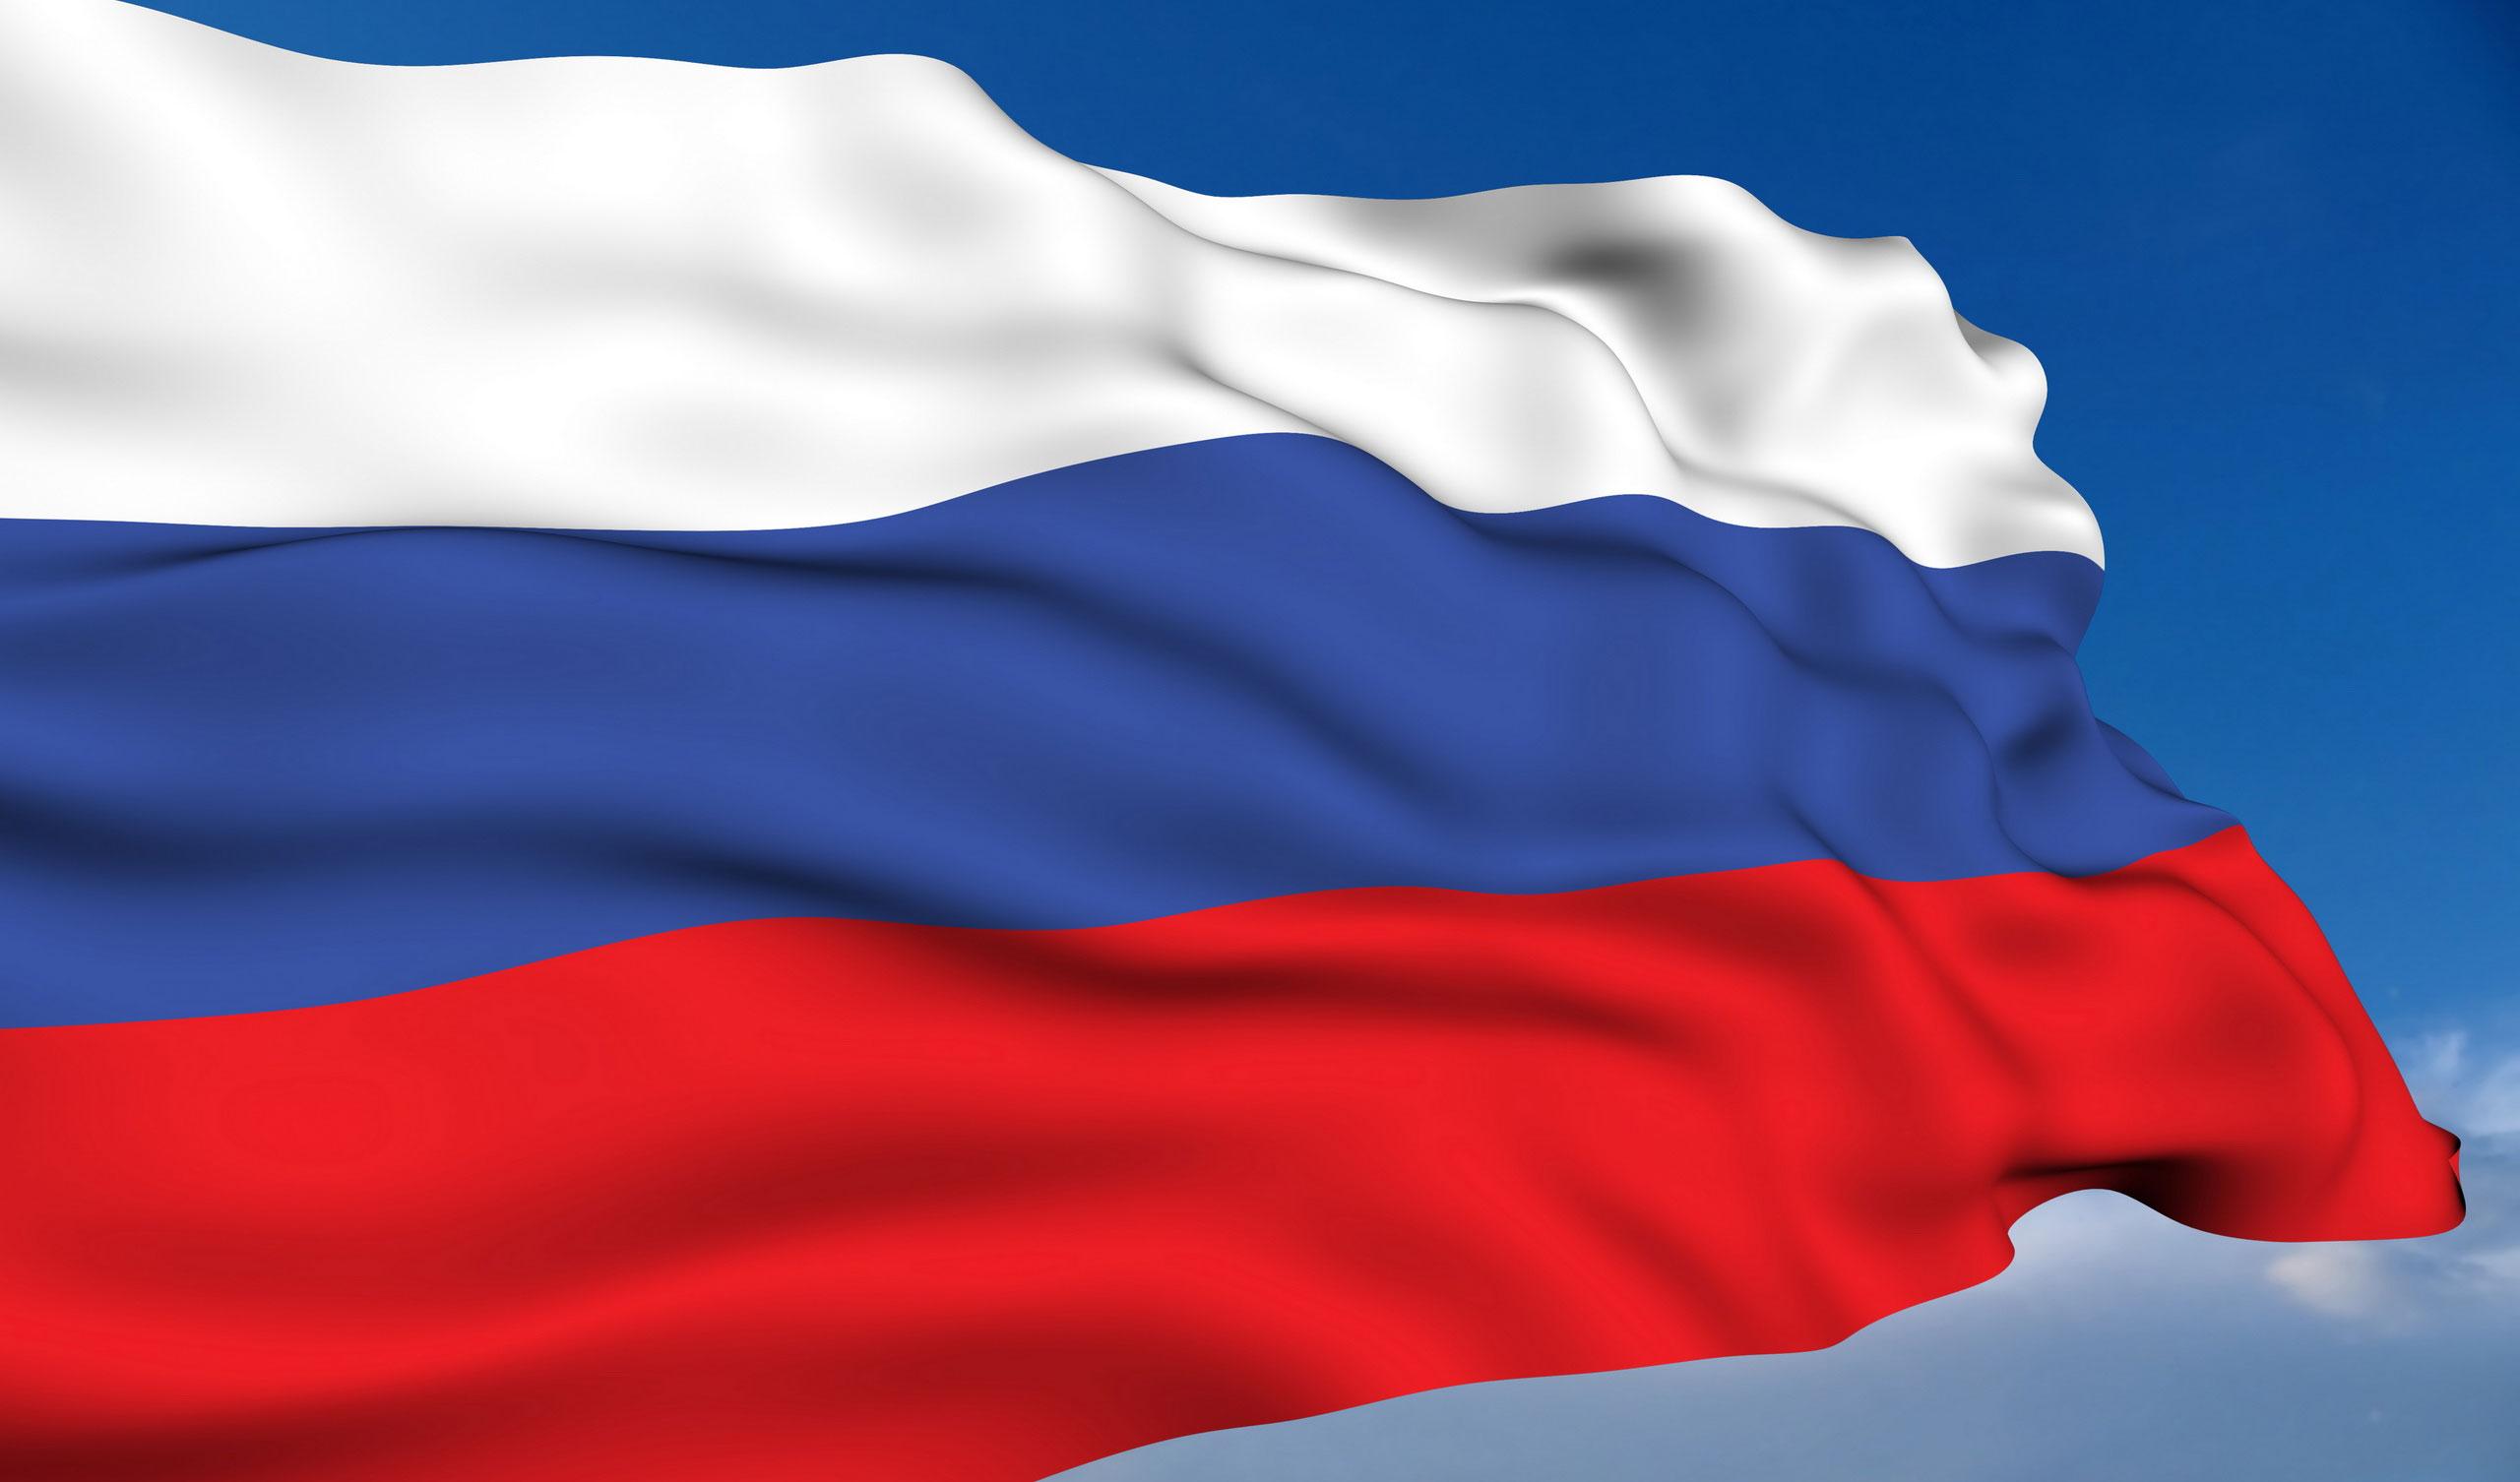 ۵ برگ برنده مسکو برای مقابله با تحریمهای واشنگتن